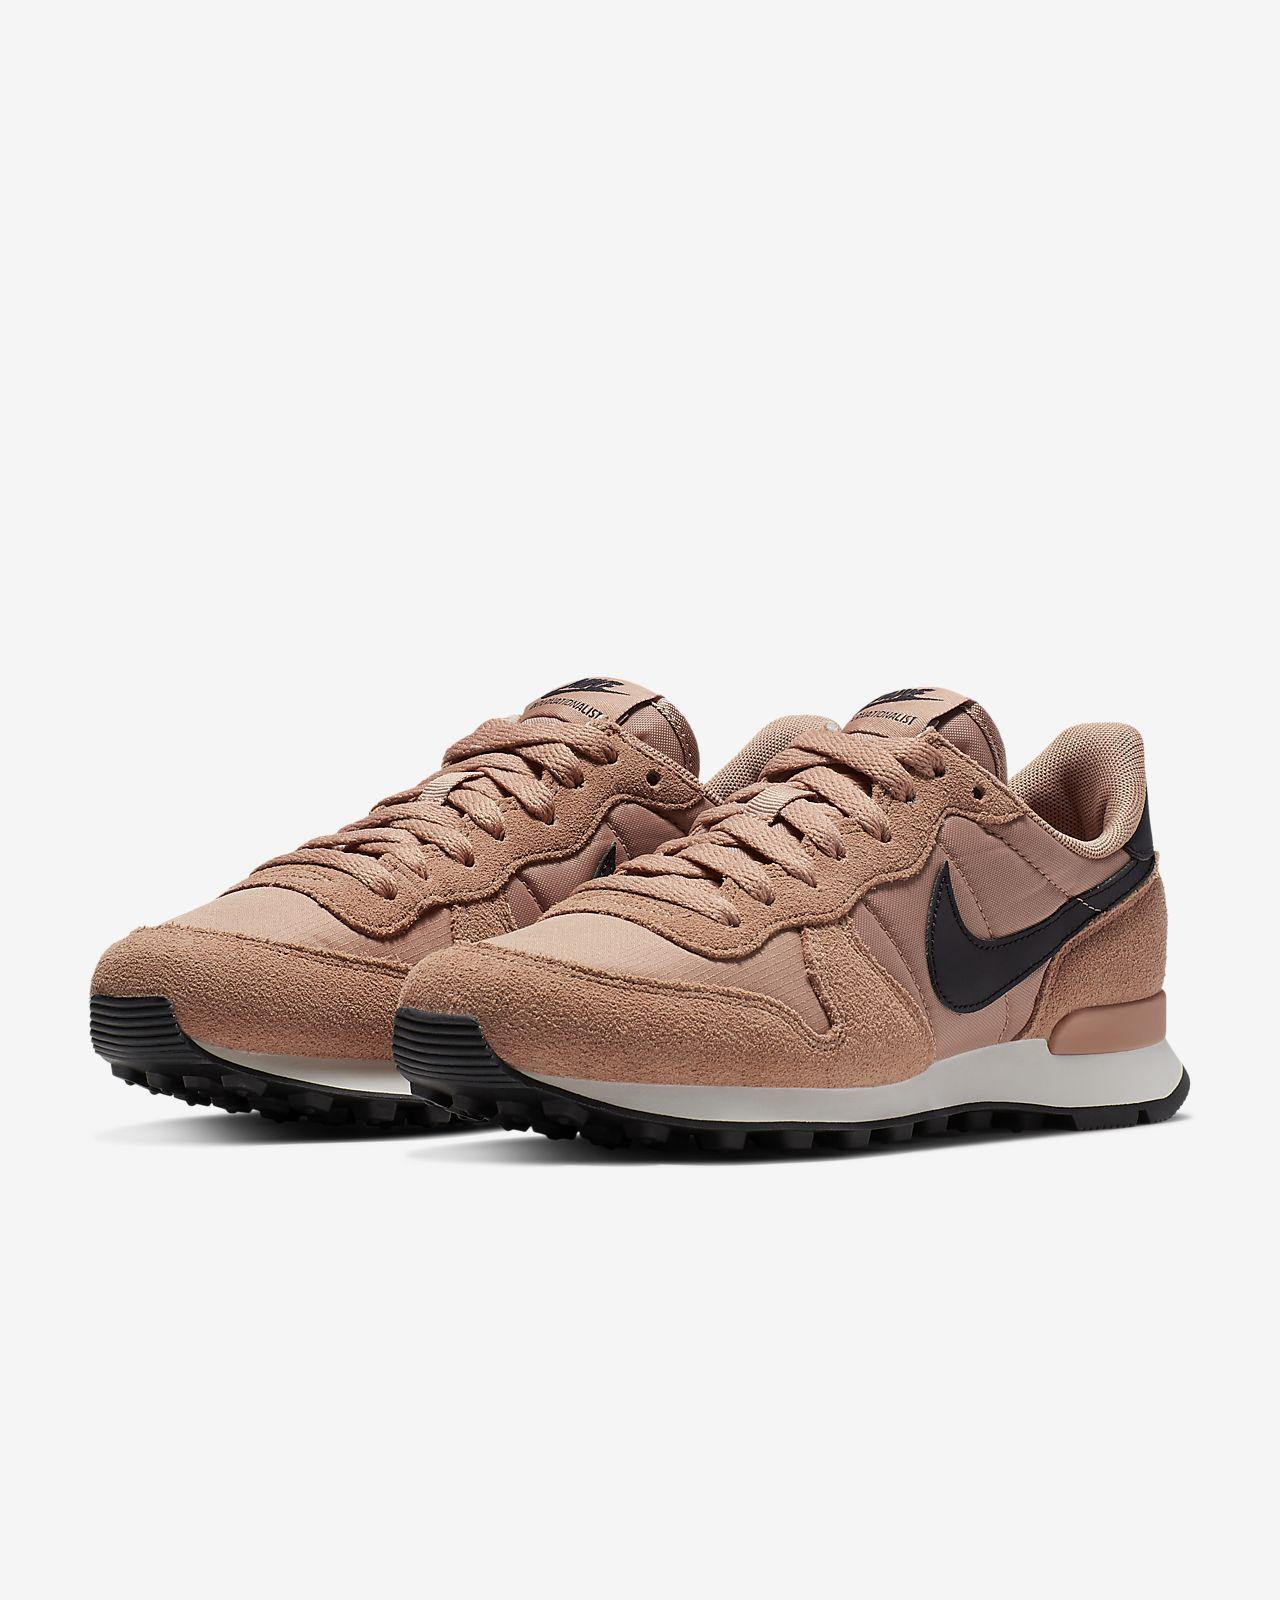 best website b5df2 62e22 Low Resolution Nike Internationalist Women s Shoe Nike Internationalist  Women s Shoe